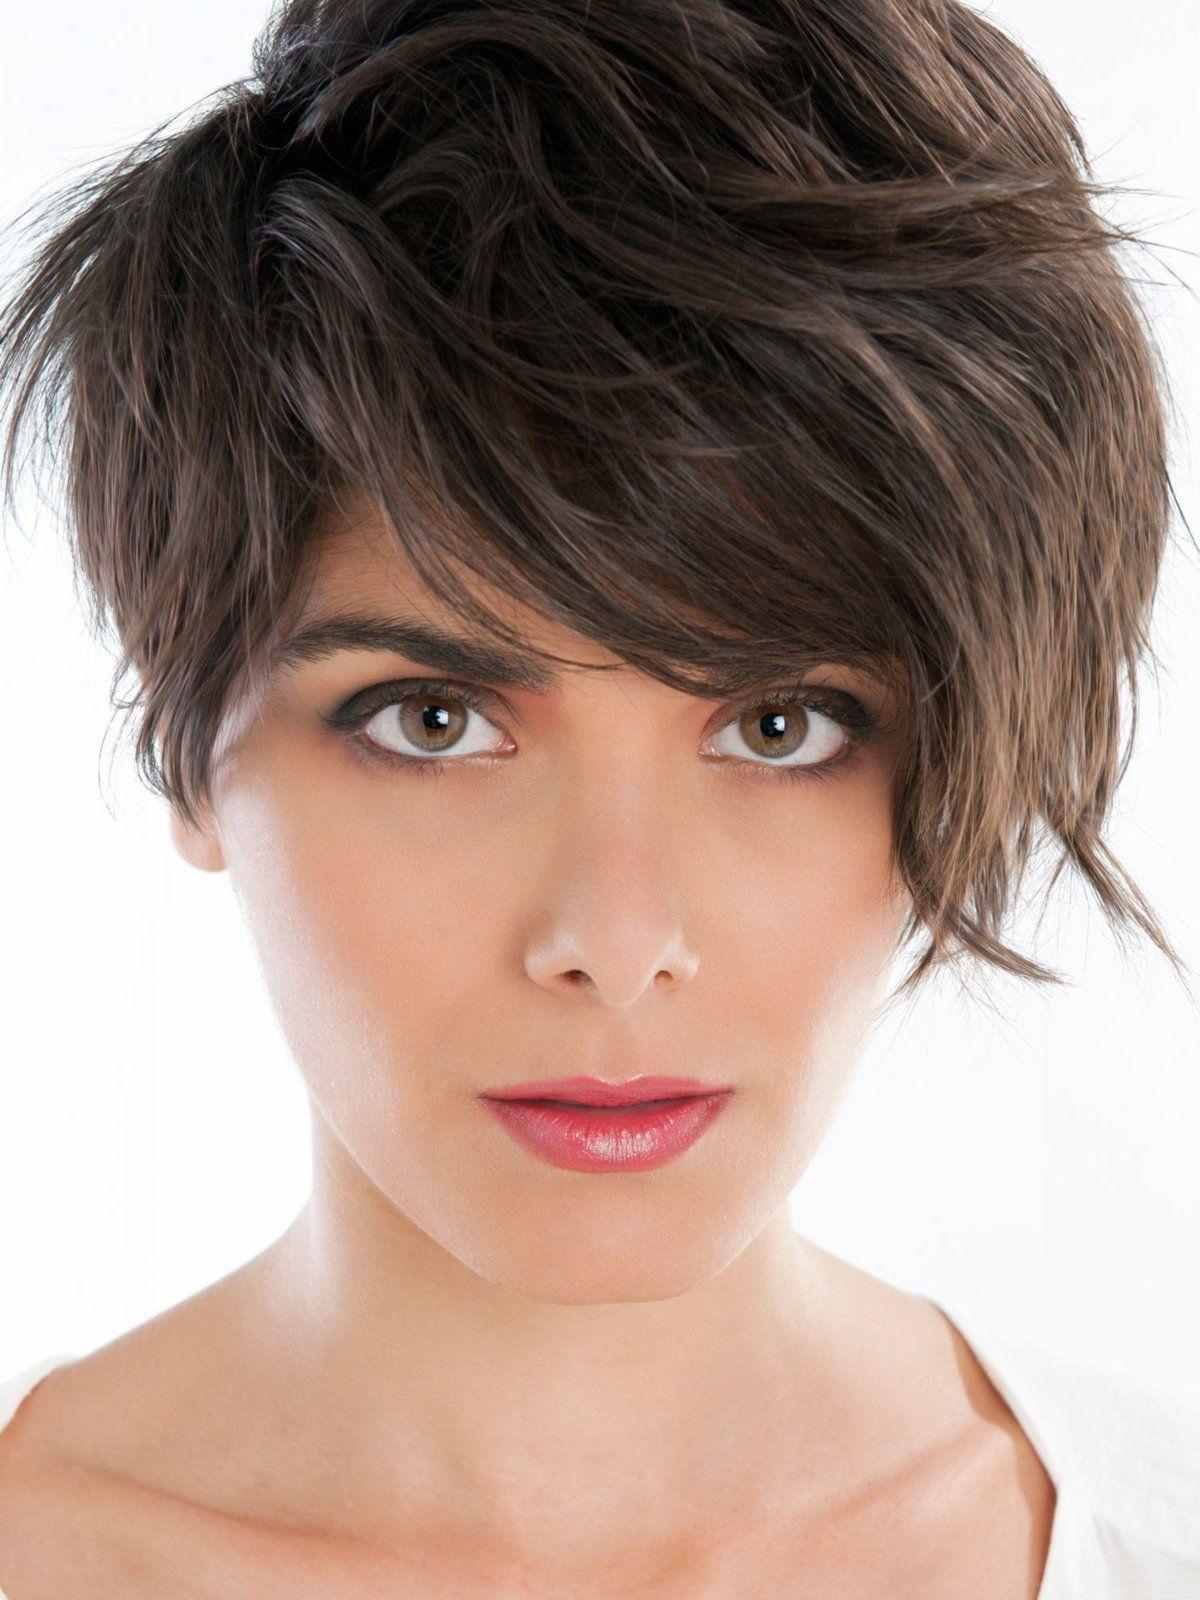 Retrofrisur Pilzkopf Frisuren Pixie Haarschnitt Haarschnitt